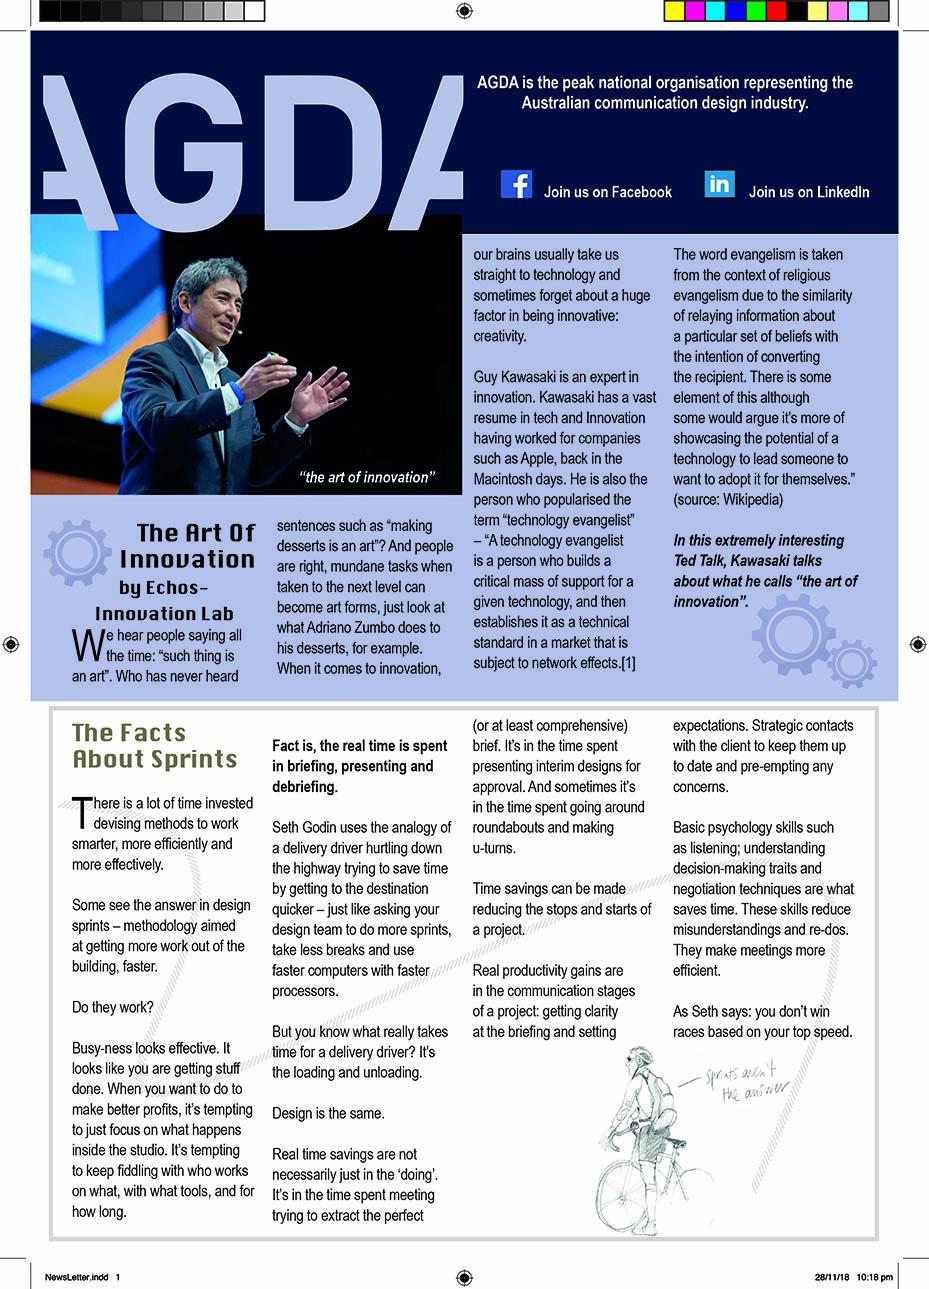 AGDA Newsletter-1.jpg